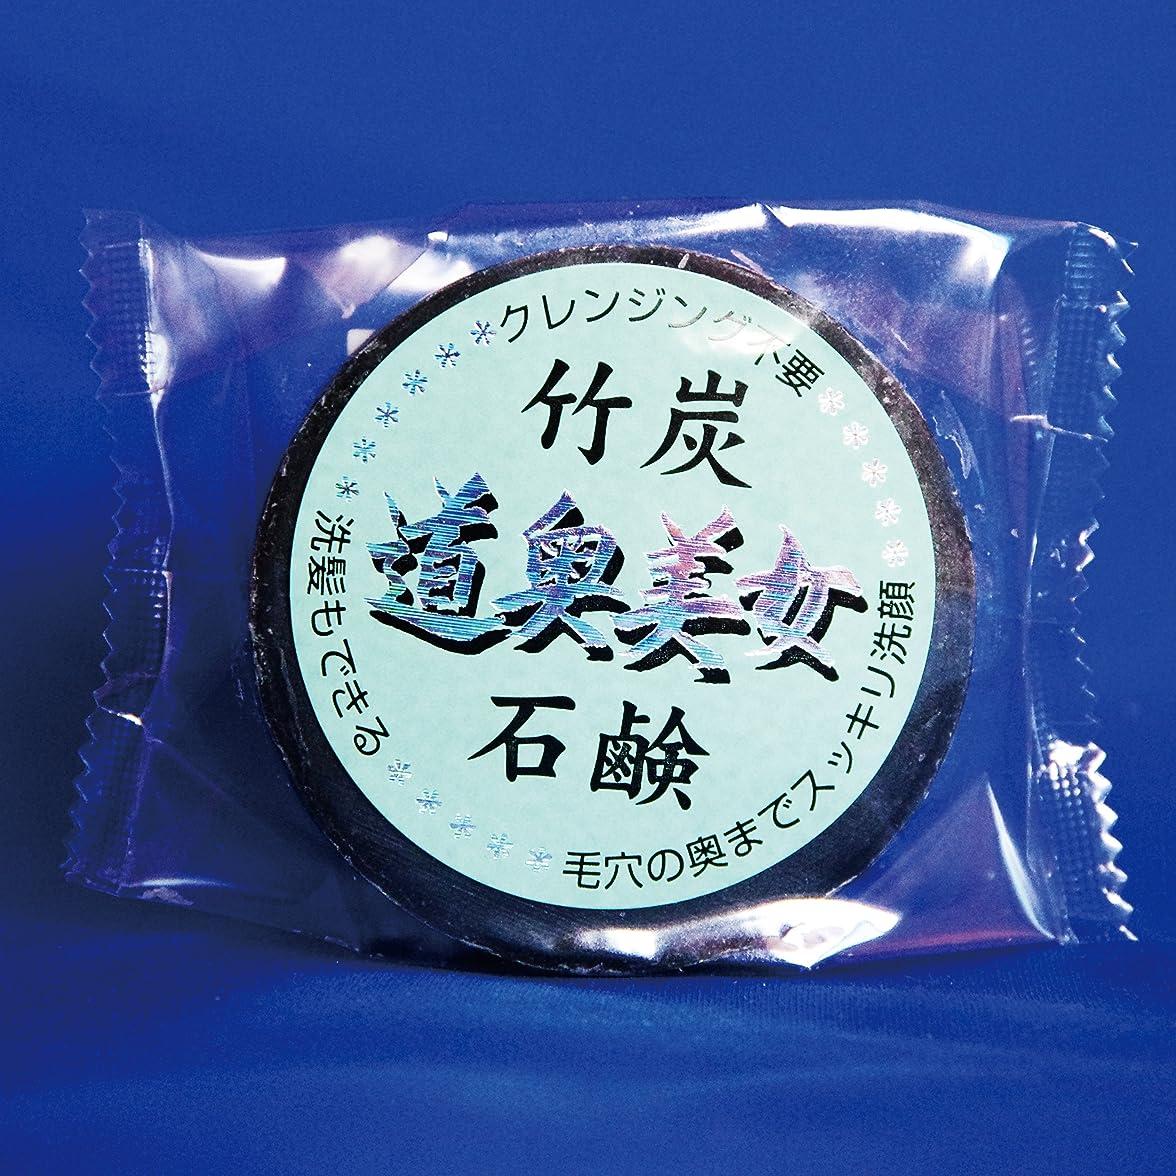 病弱ボス血色の良い竹炭石鹸 100g クレンジング不要 (100g) 手作り透明石鹸 化粧石ケン